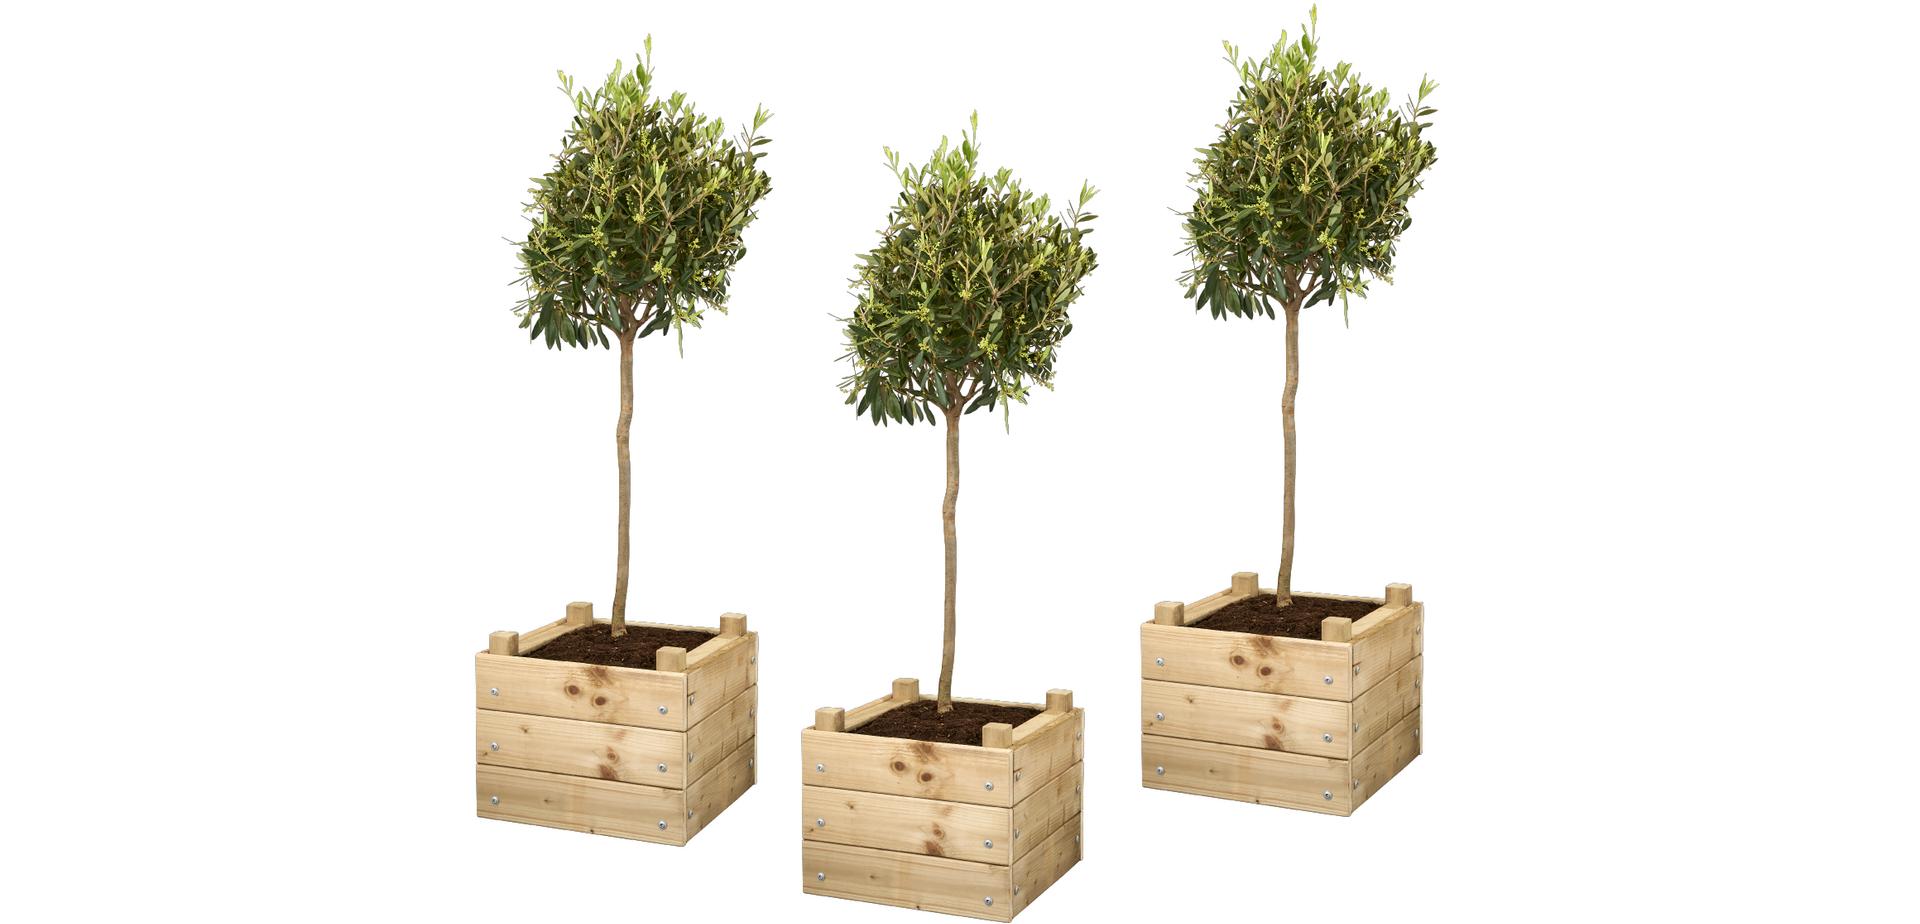 Super Maak je eigen vierkante plantenbak - Brico   Voor de makers CE-24